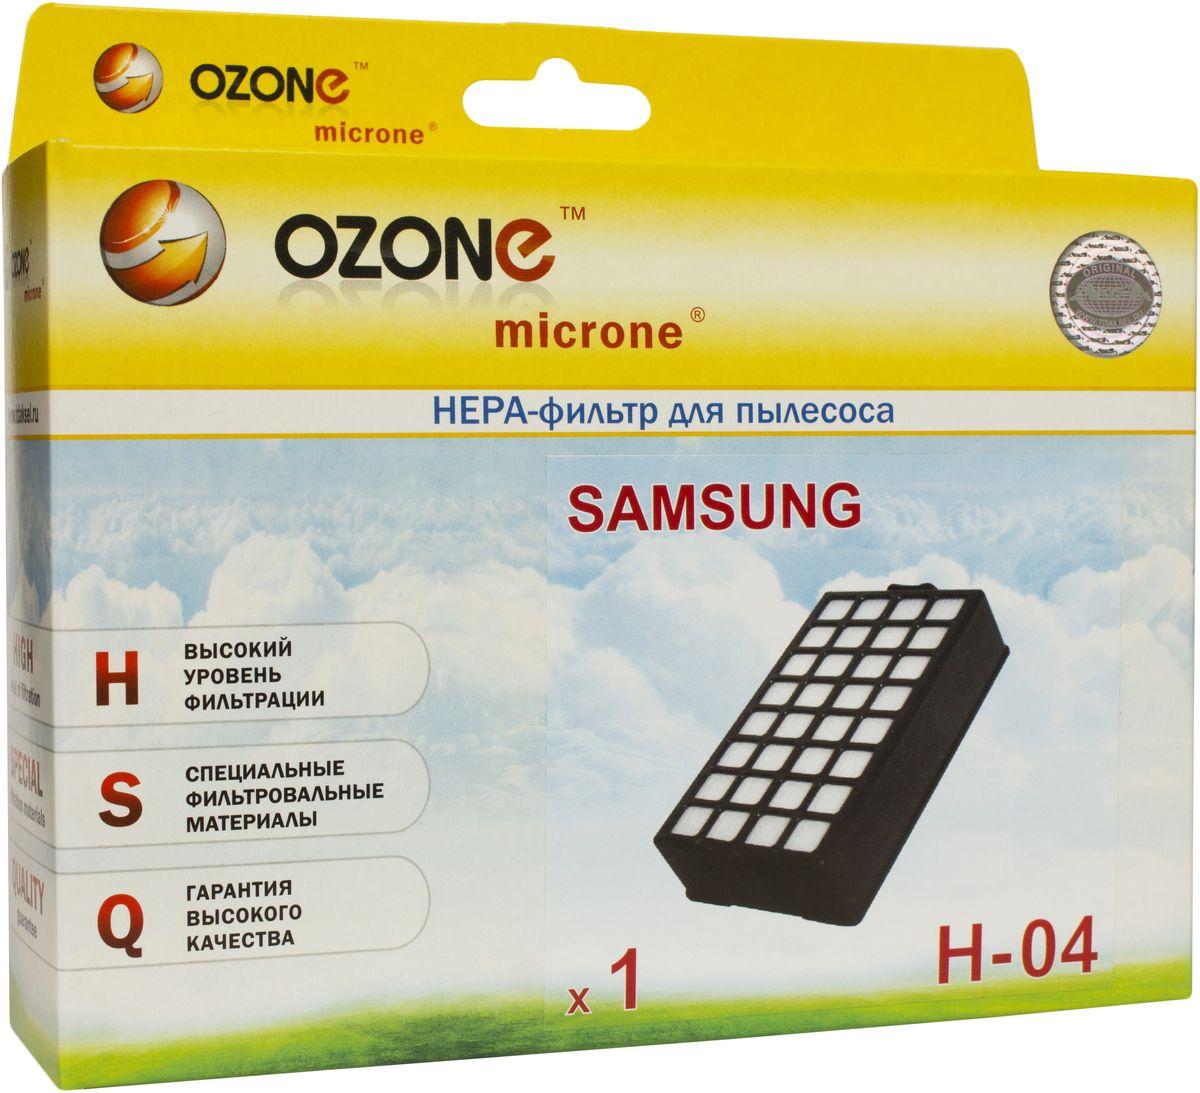 Ozone H-04 HEPA фильтр для пылесоса Samsung